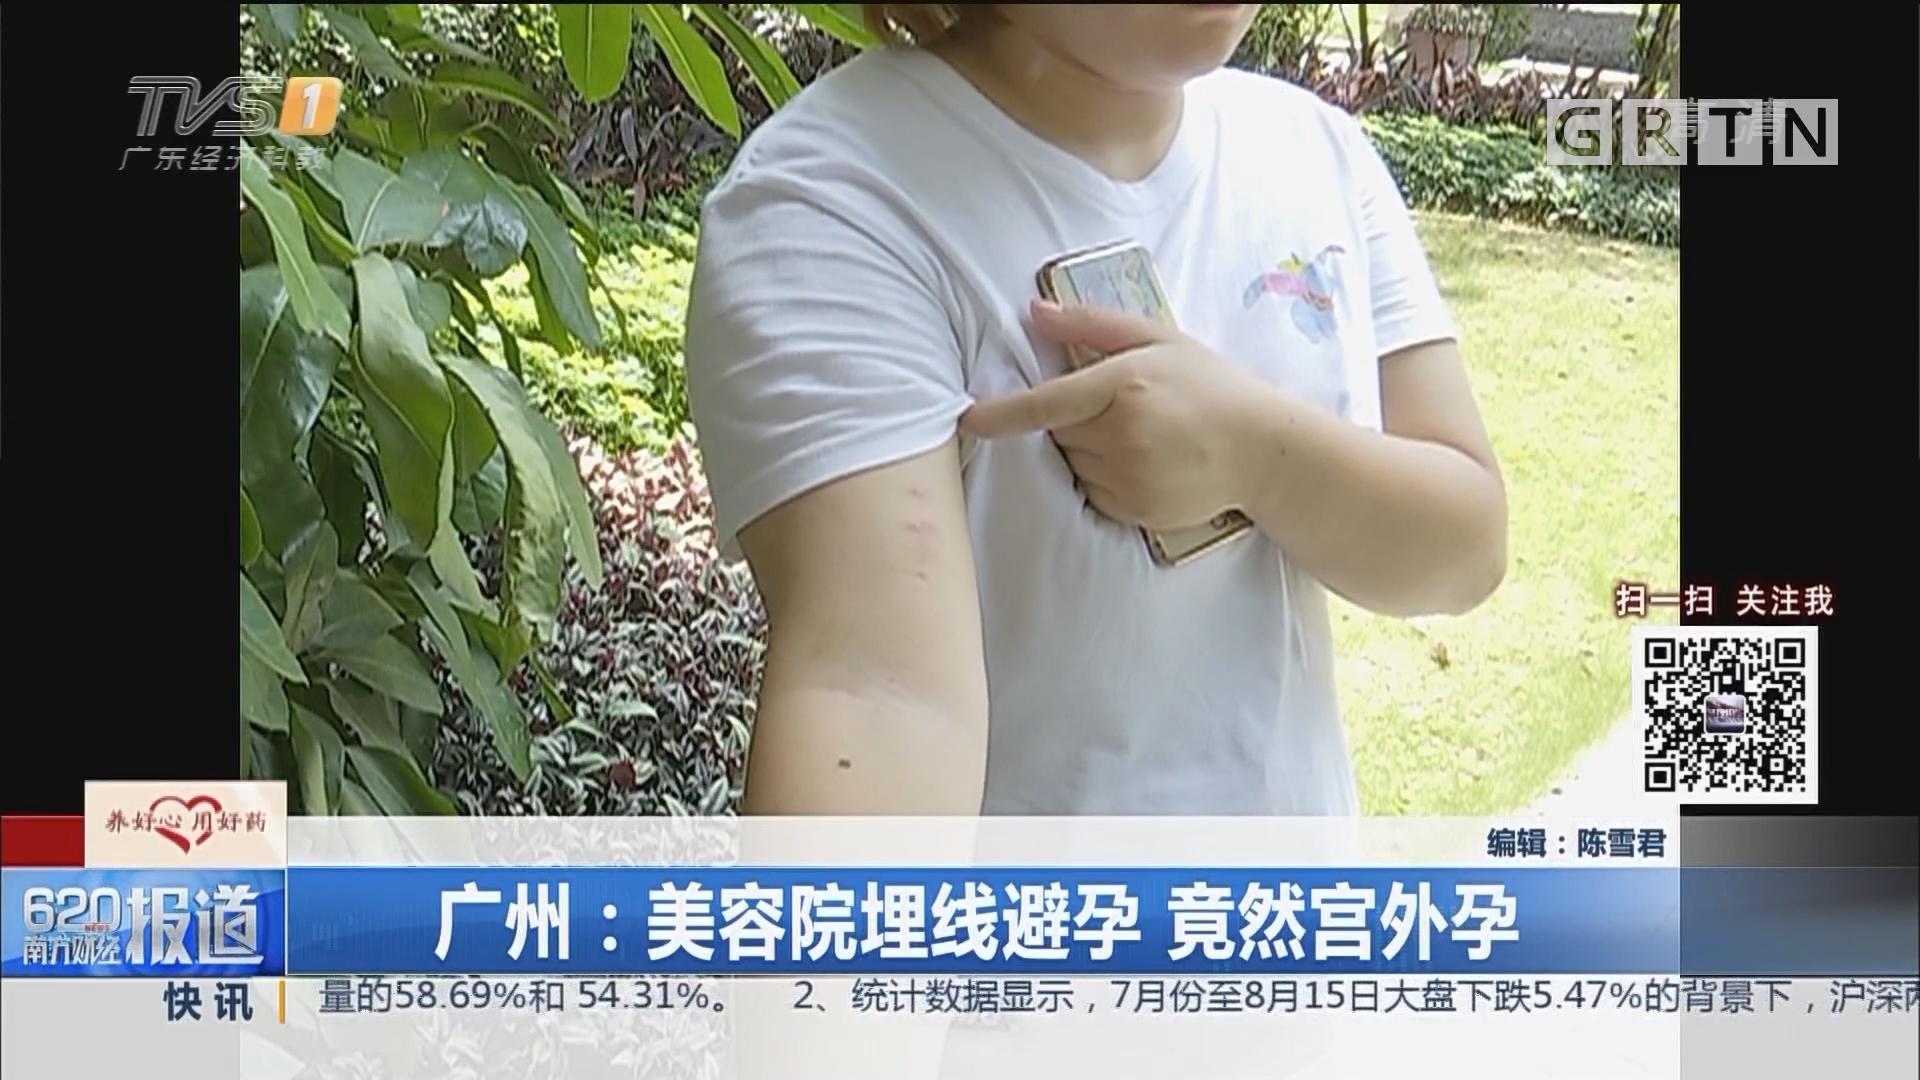 广州:美容院埋线避孕 竟然宫外孕